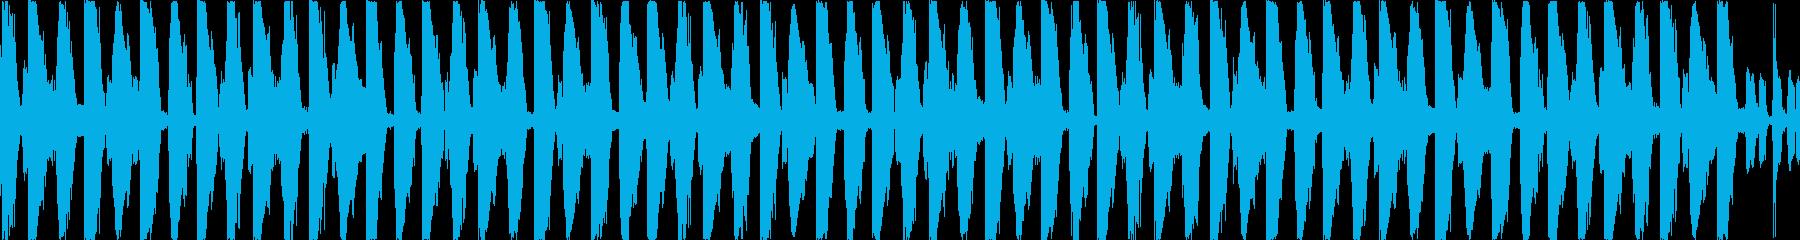 シンセサイザー、ファンキーなギター...の再生済みの波形